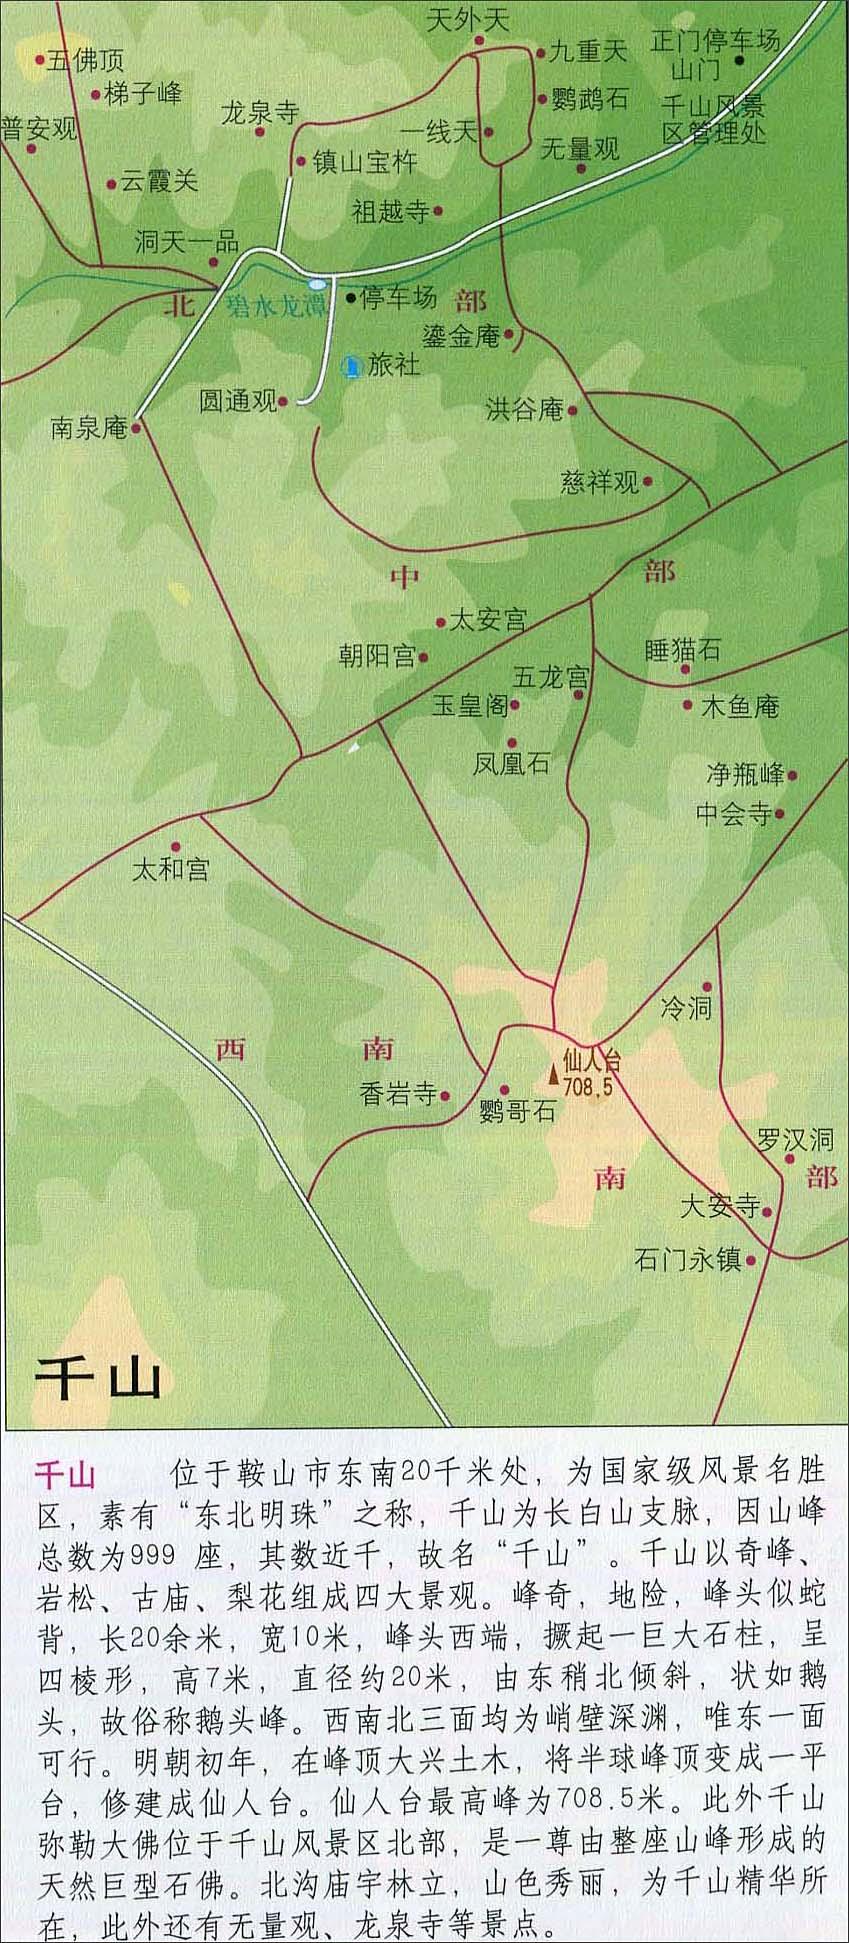 千山旅游地图